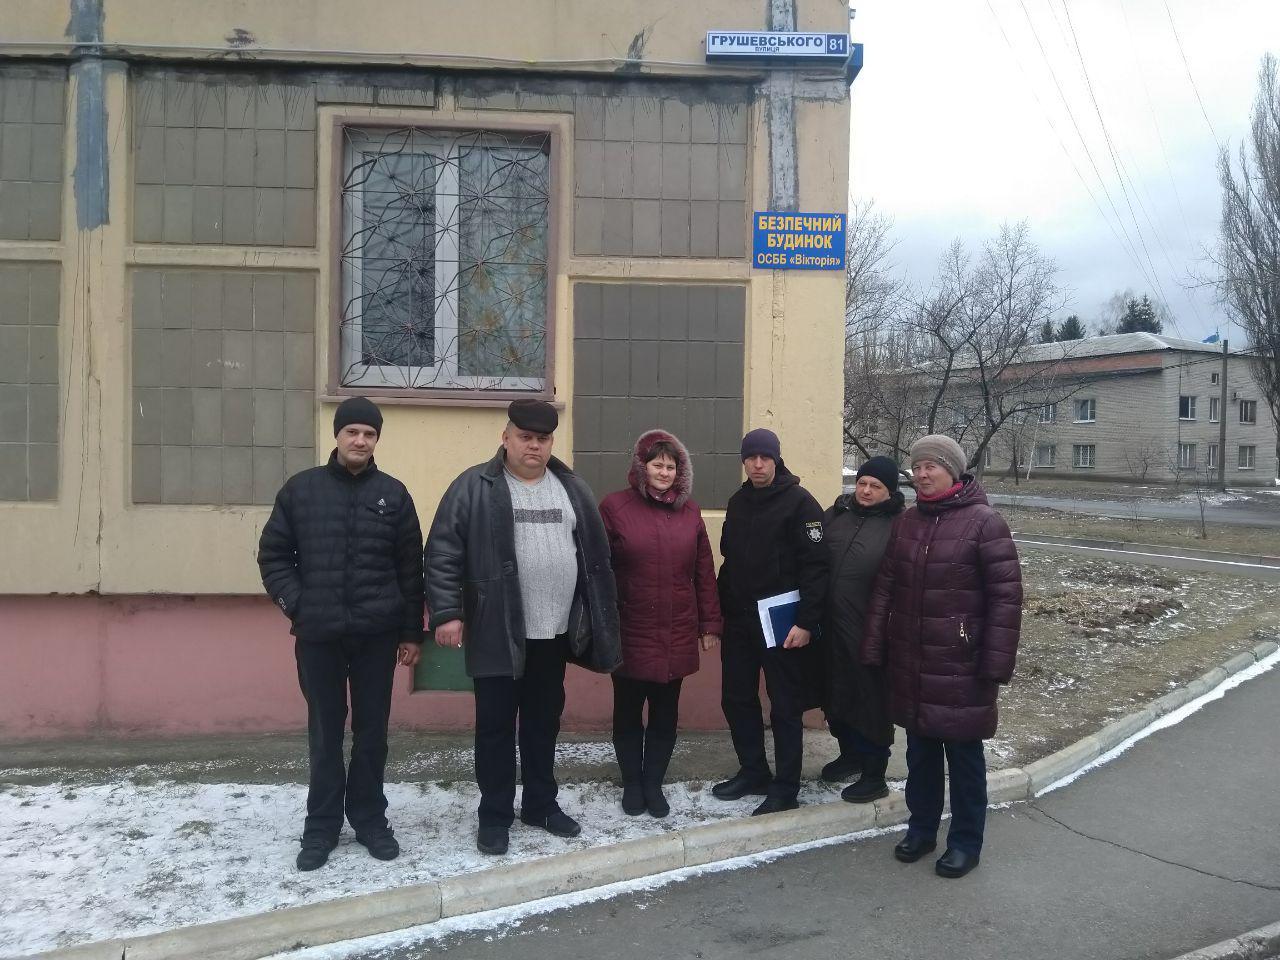 Правоохоронці Покровської оперативної зони відзвітували перед мешканцями «Безпечних будинків», фото-5